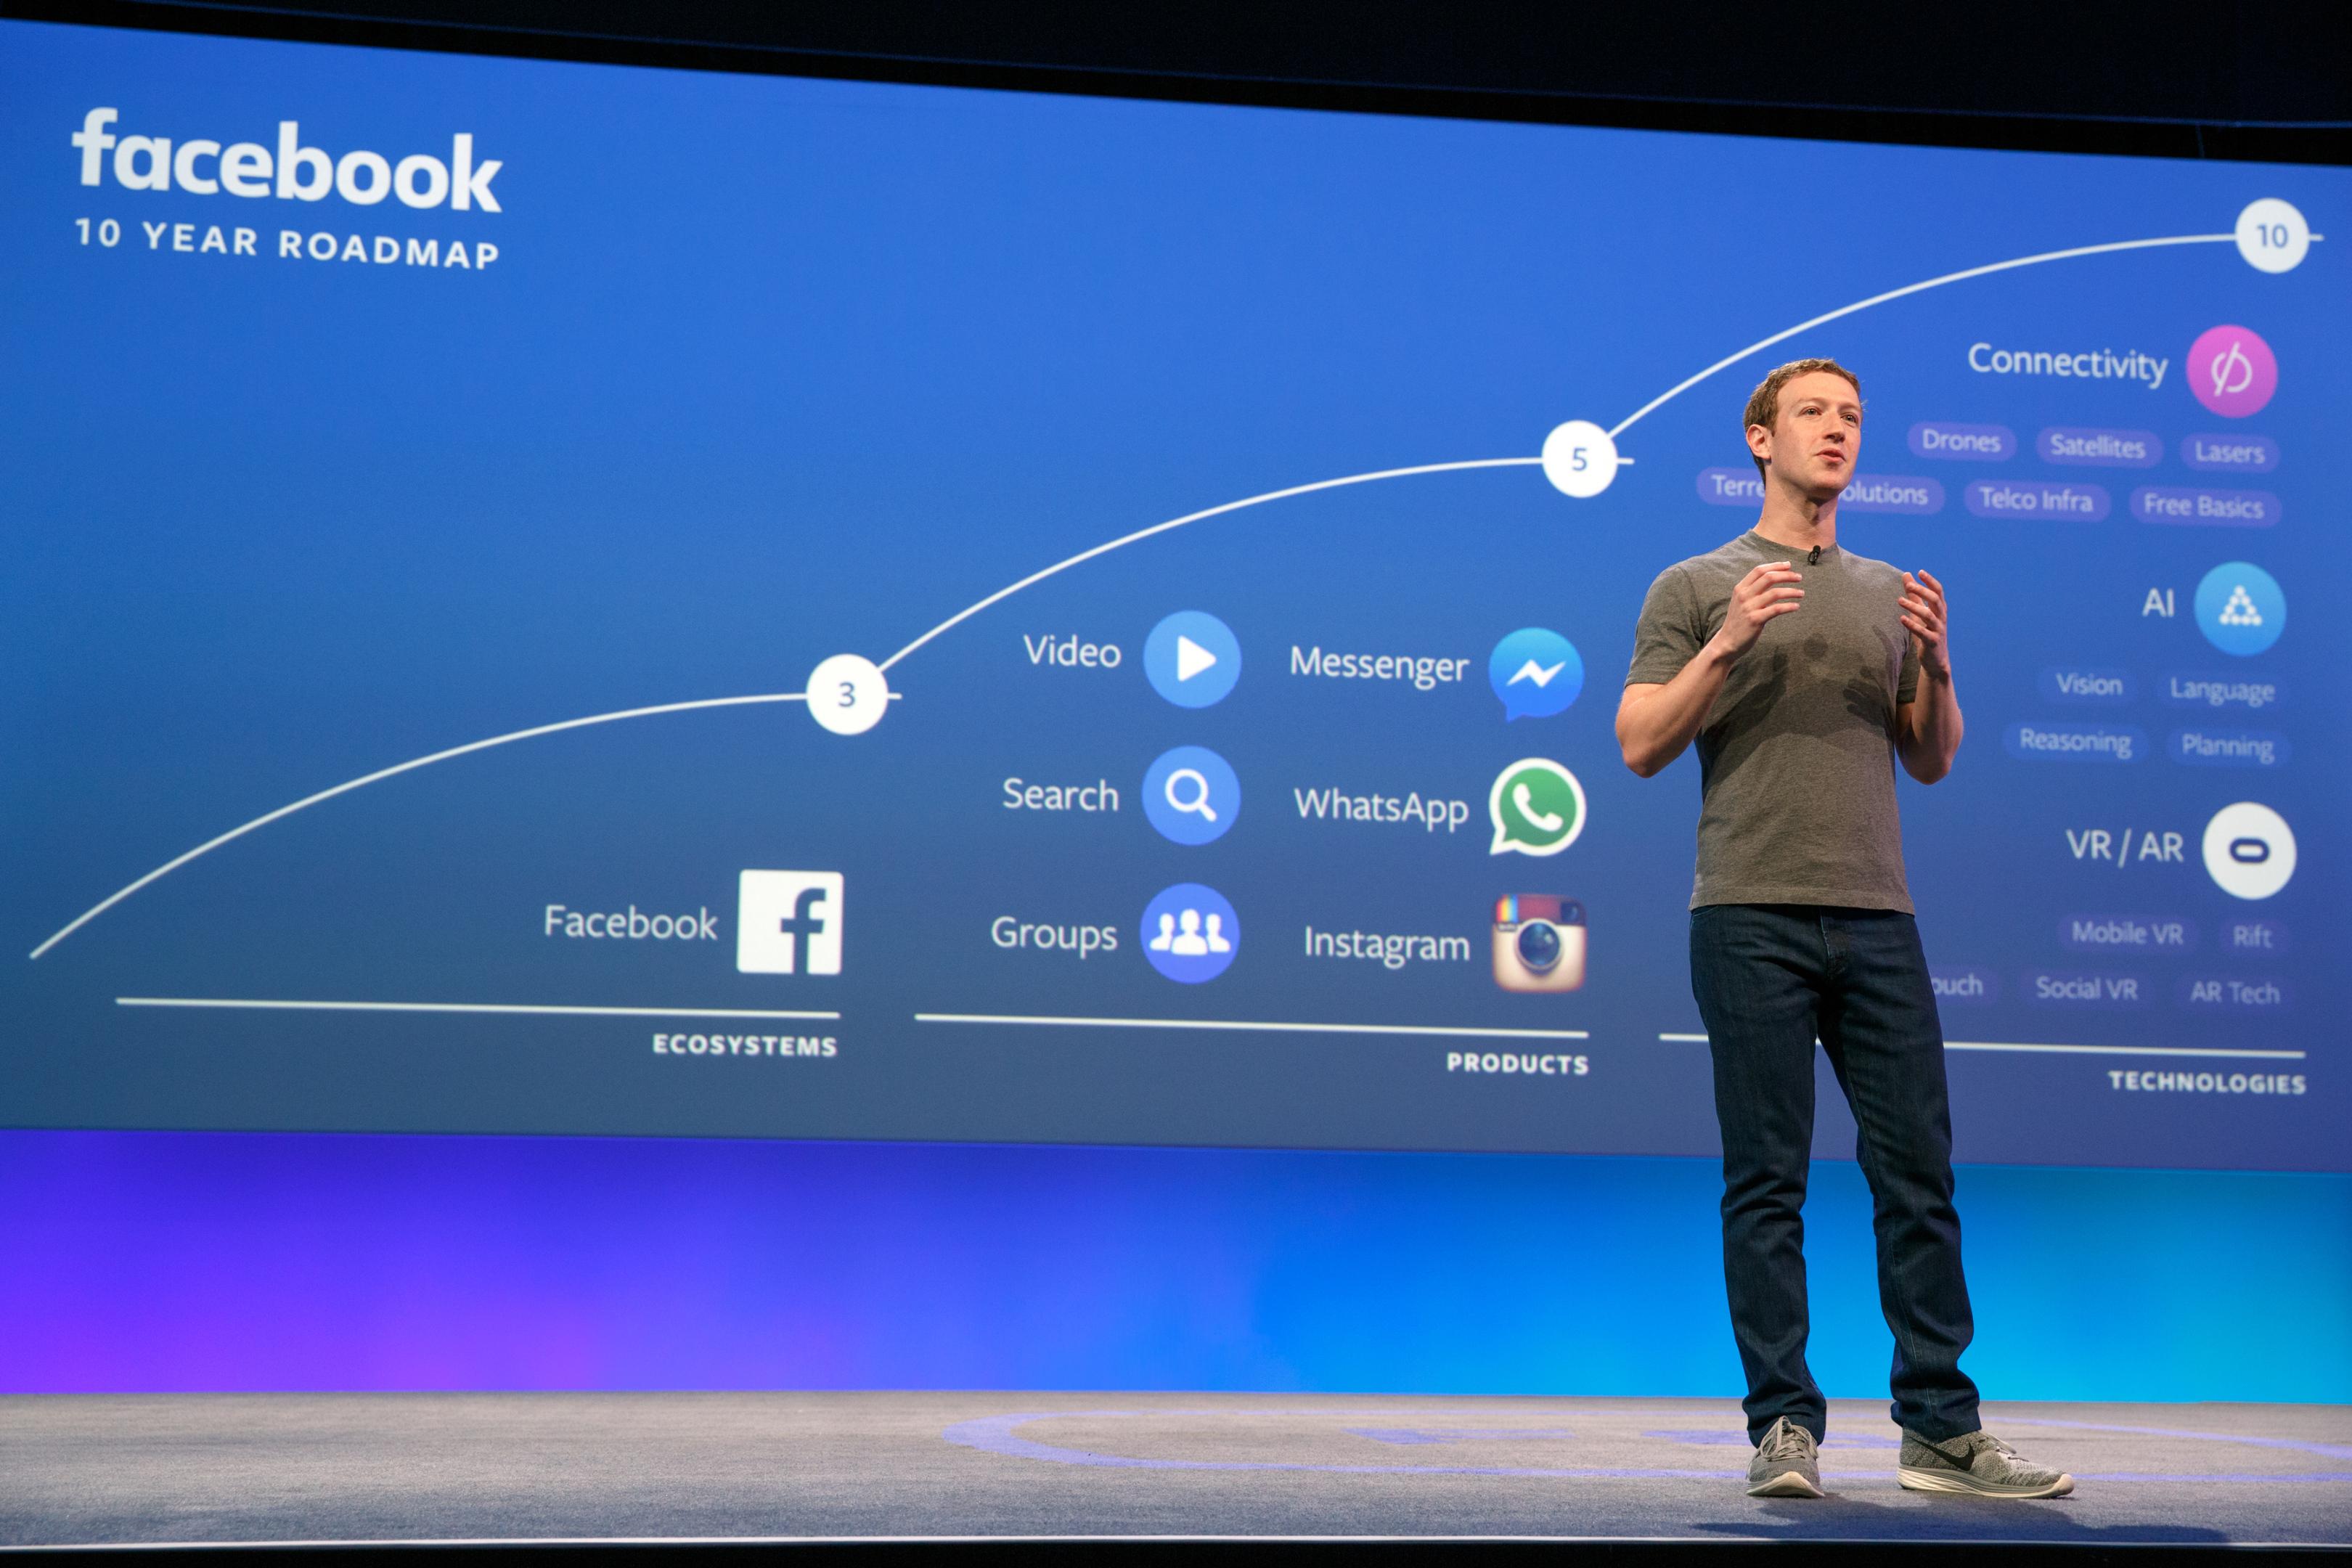 Mark Zuckerberg speaking on stage